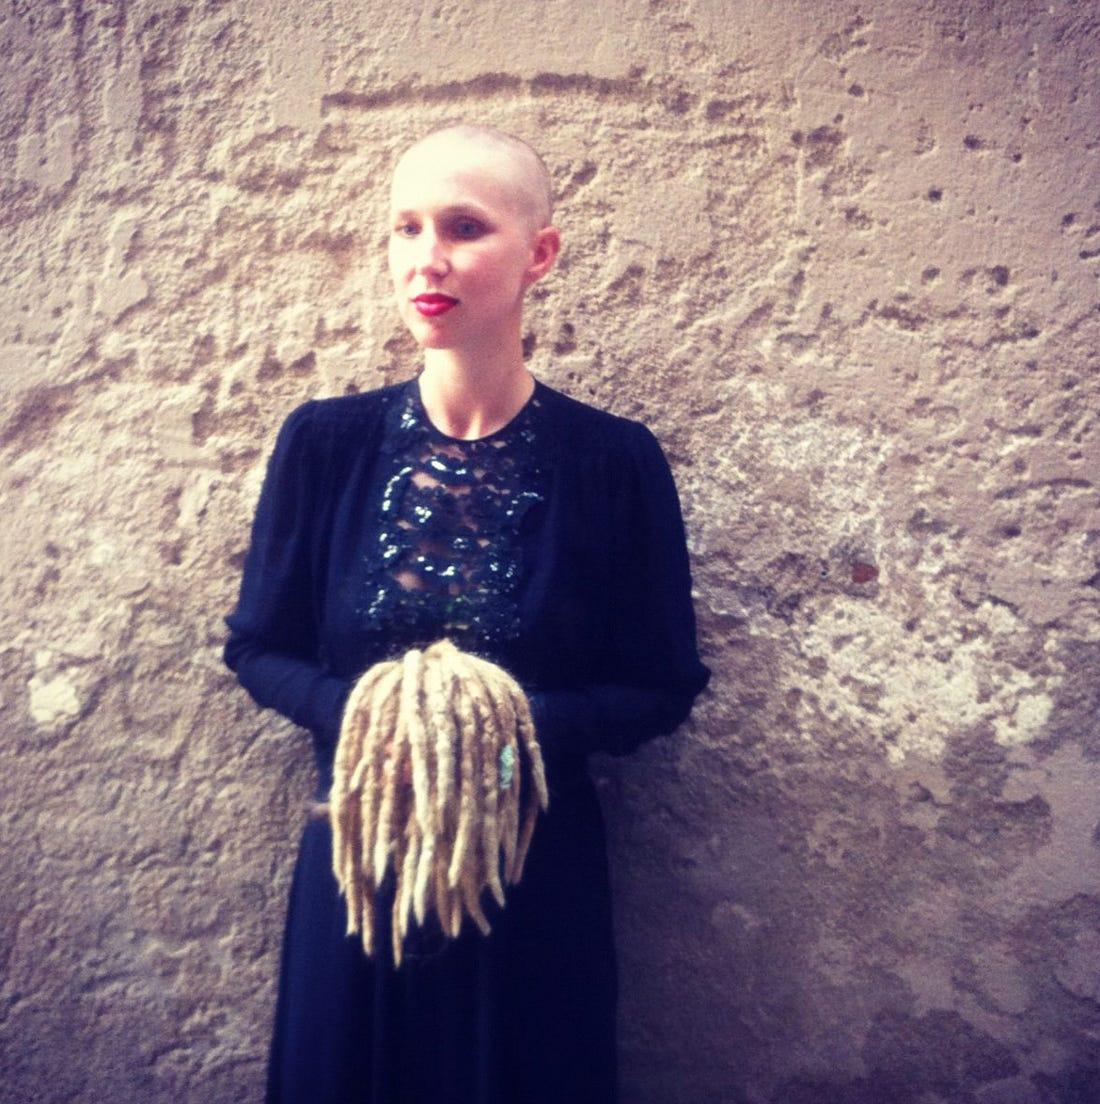 Warum Frauen Sich Die Haare Abrasieren